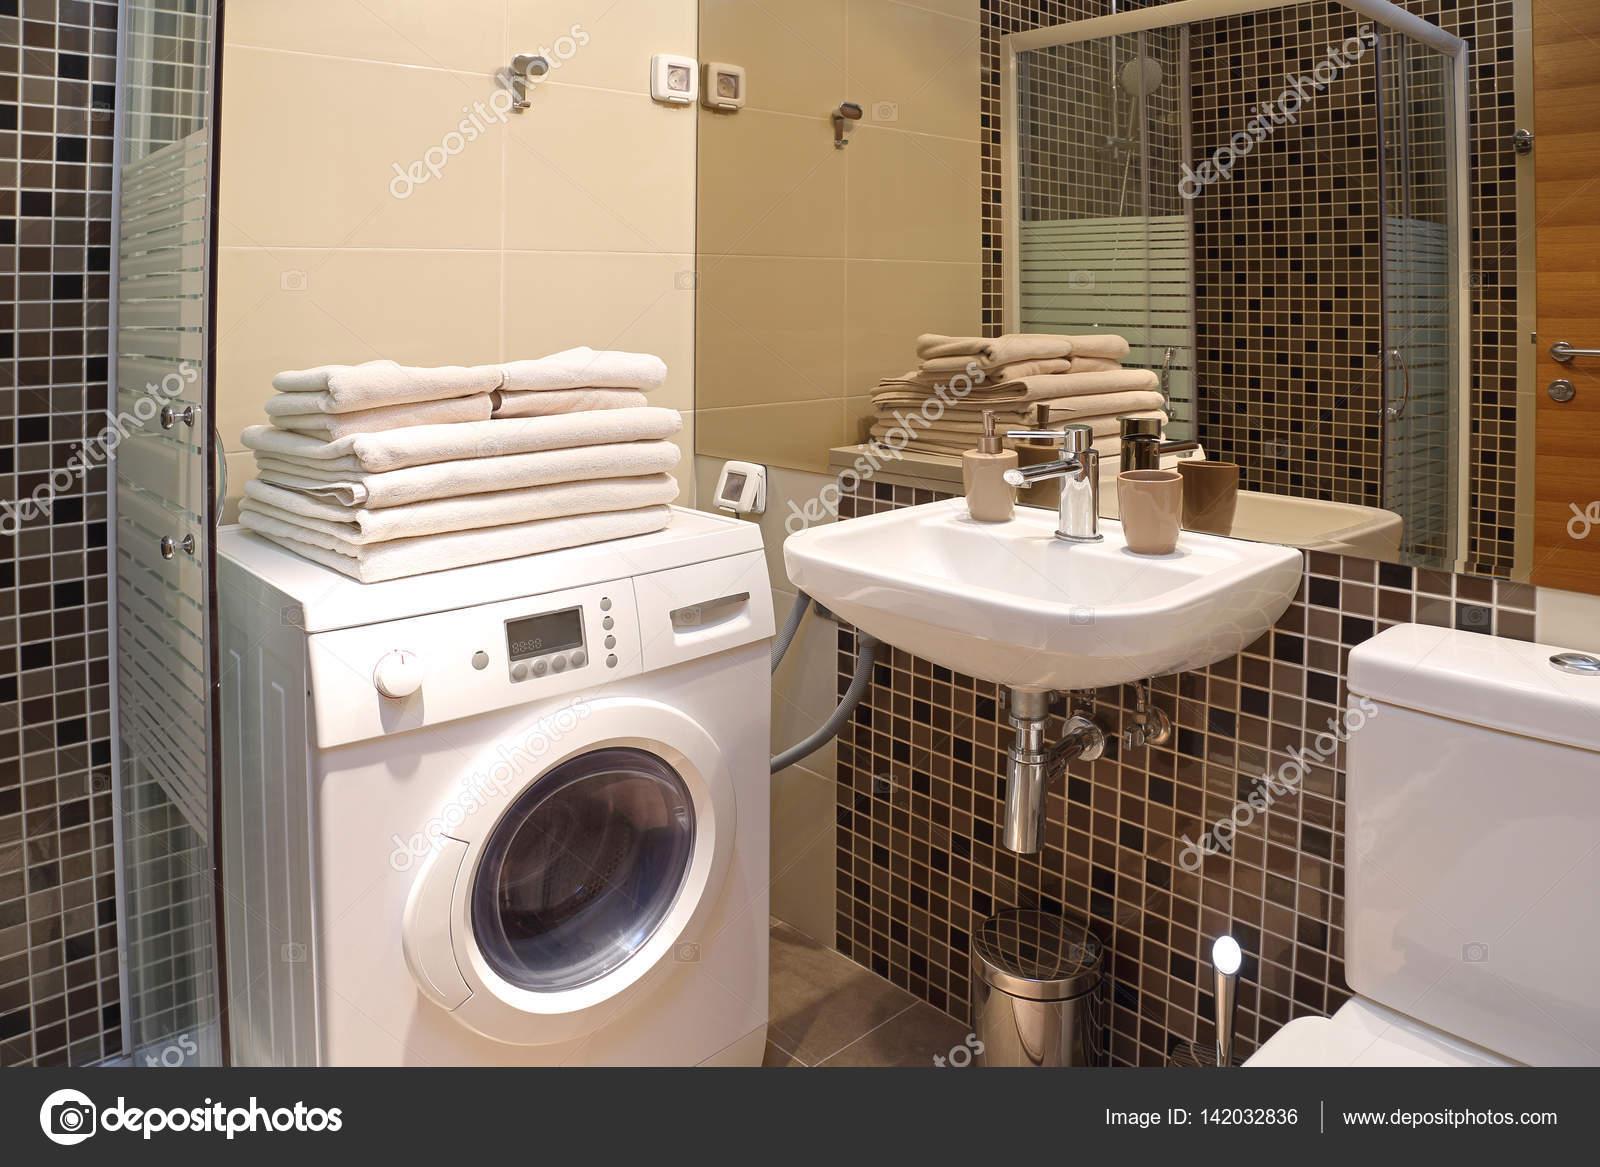 Wasmachine In Badkamer : Kleine badkamer wasmachine bevallig kleine badkamer met